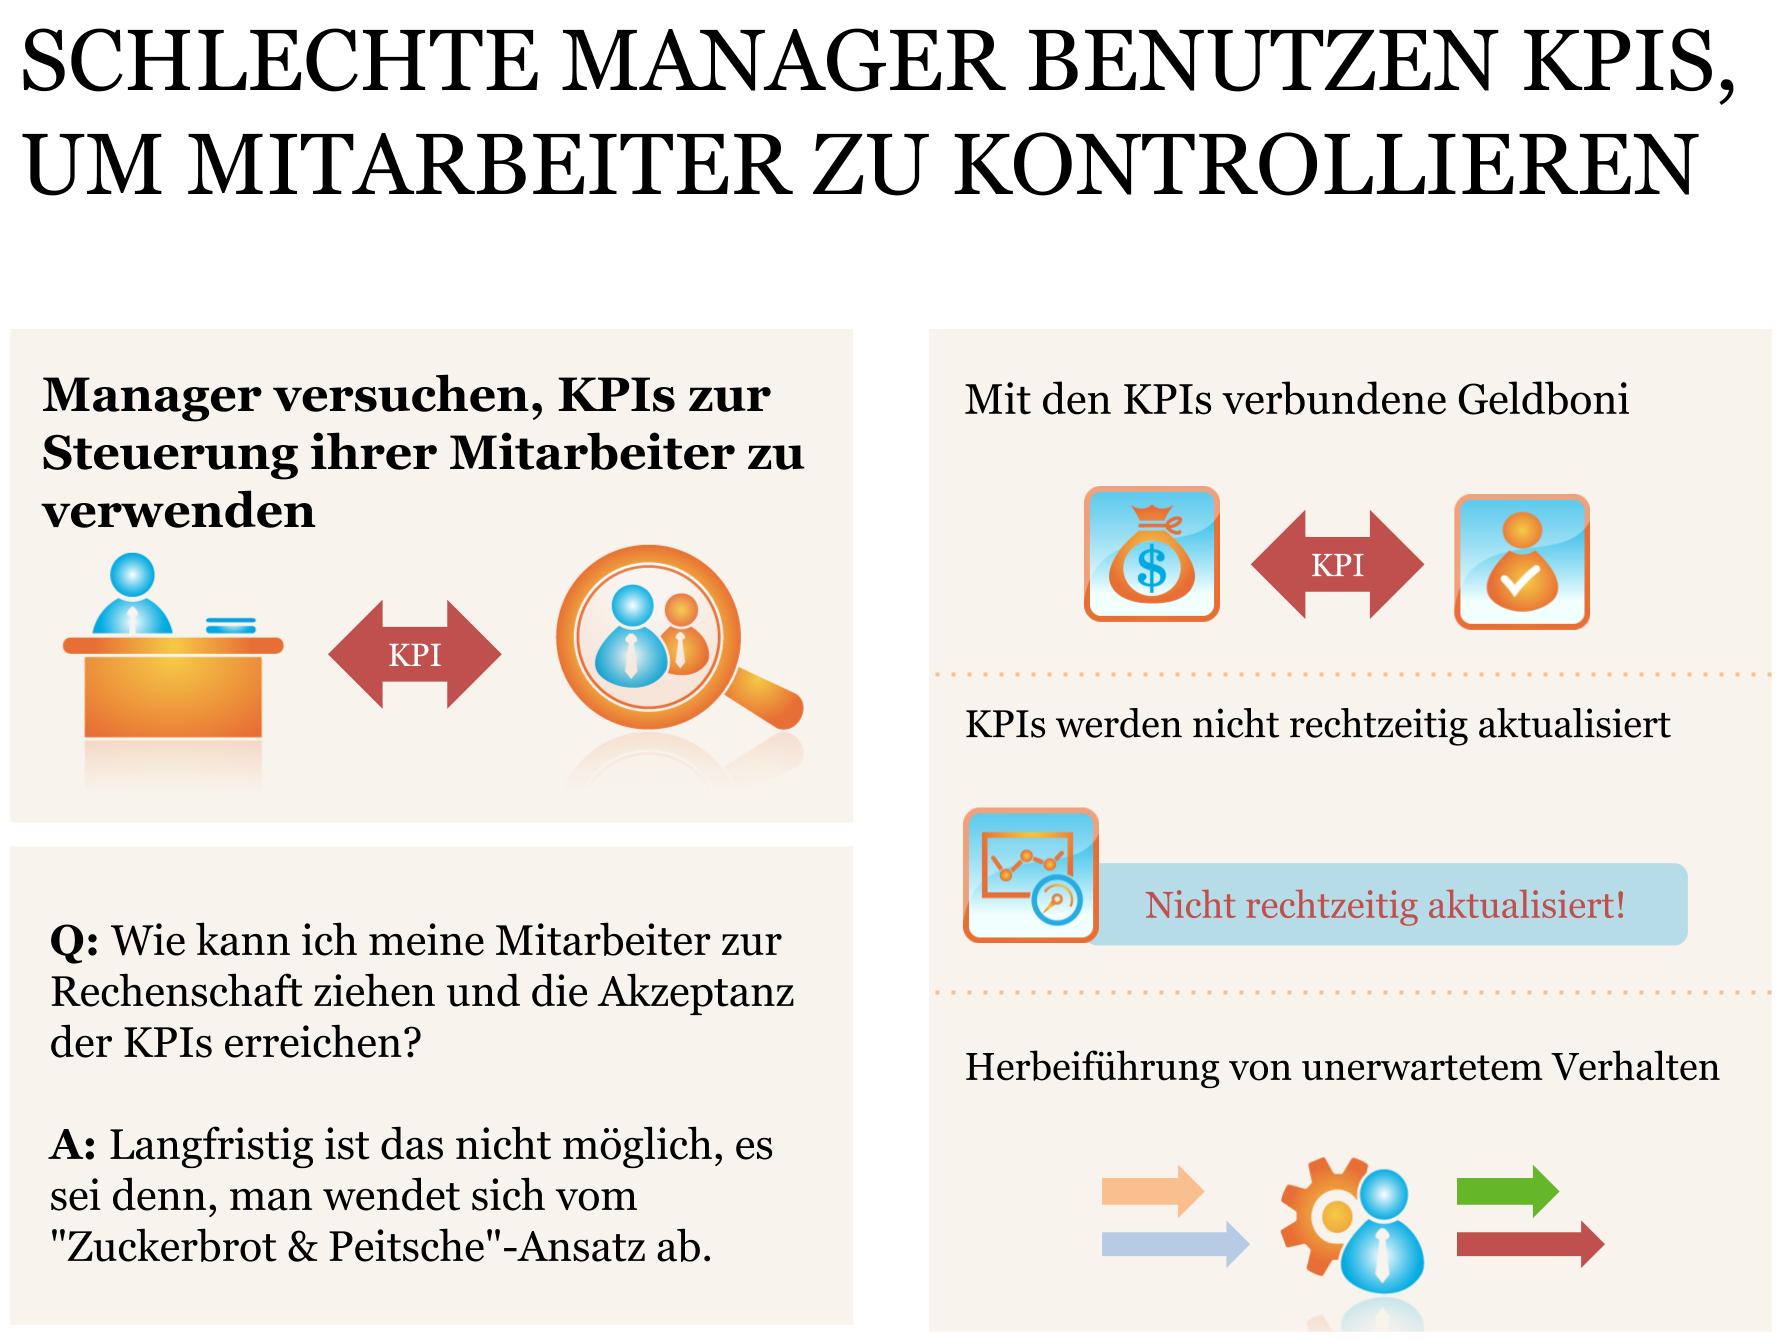 Schlechte Manager benutzen KPIs, um Mitarbeiter zu kontrollieren